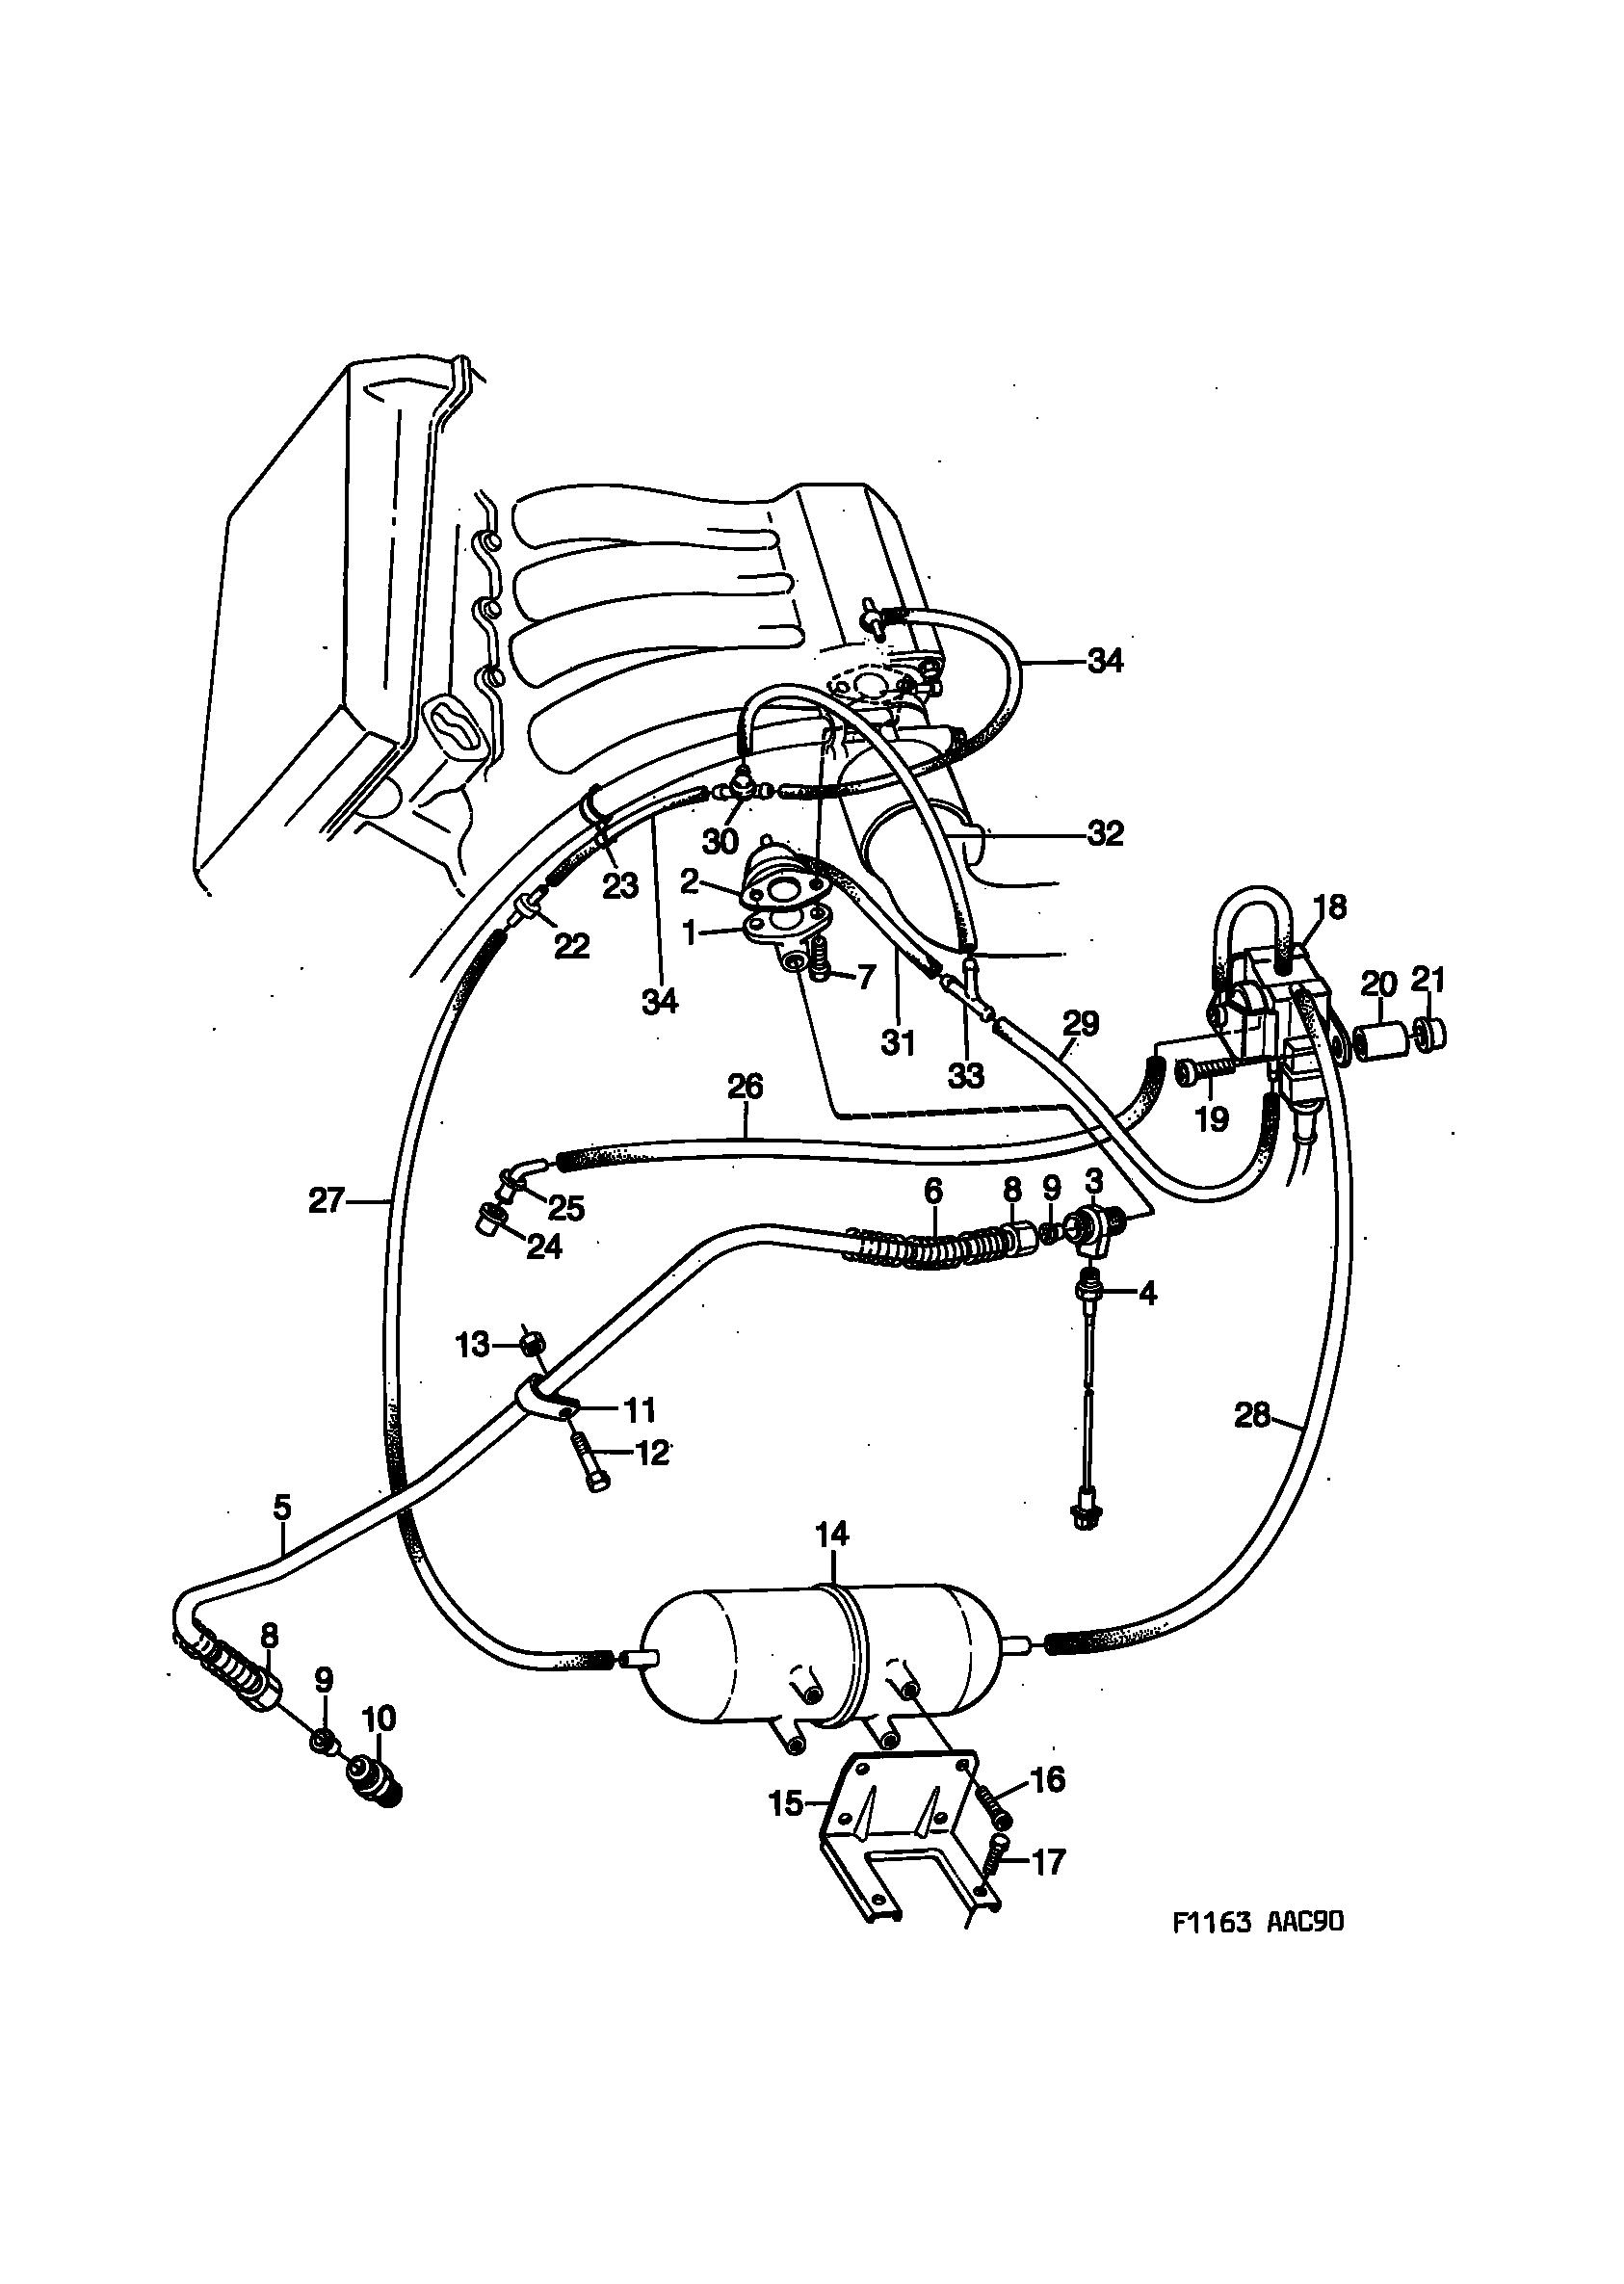 1990 Saab 900 Engine Diagram - Wiring Diagram Schema